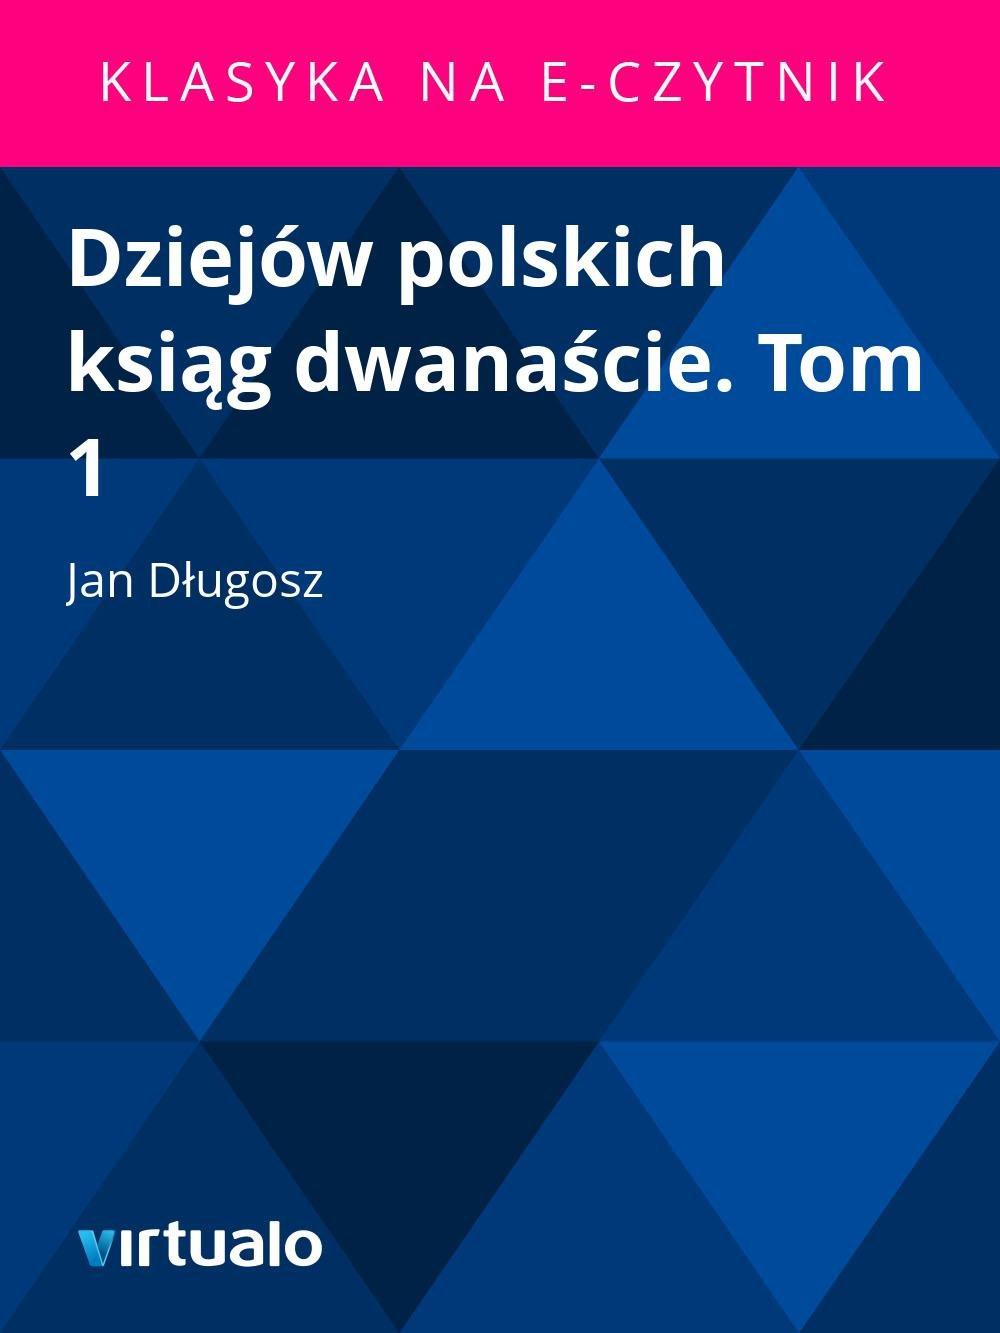 Dziejów polskich ksiąg dwanaście. Tom 1 - Ebook (Książka EPUB) do pobrania w formacie EPUB